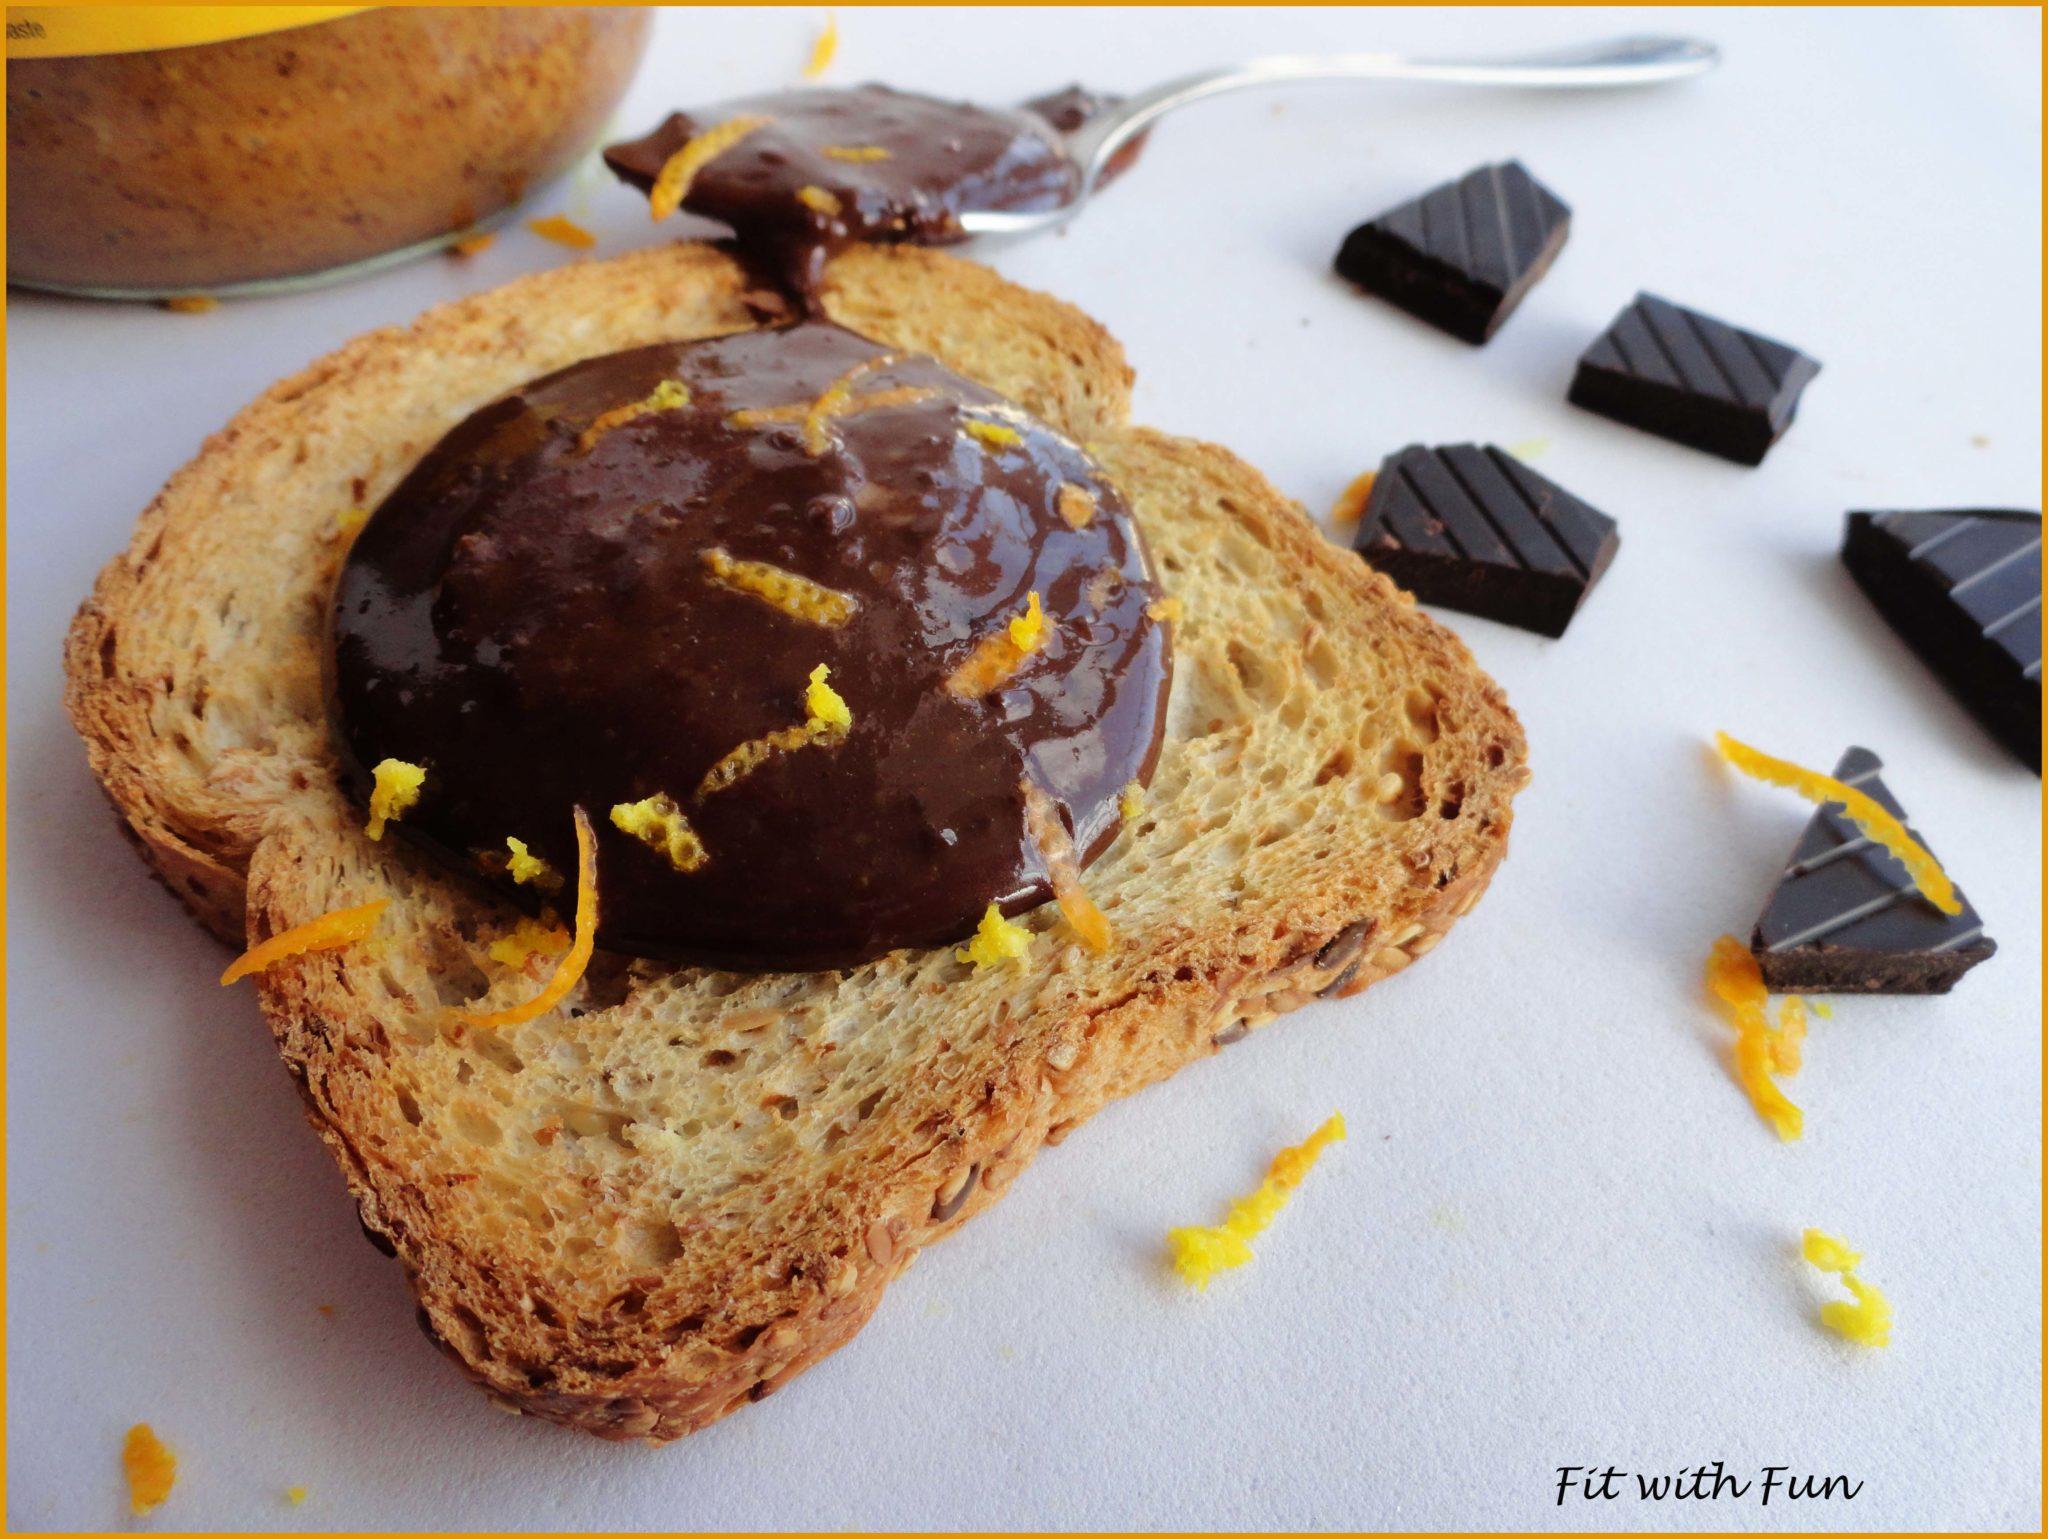 Burro di Arachidi Proteico al Cioccolato Fondente e Arancia